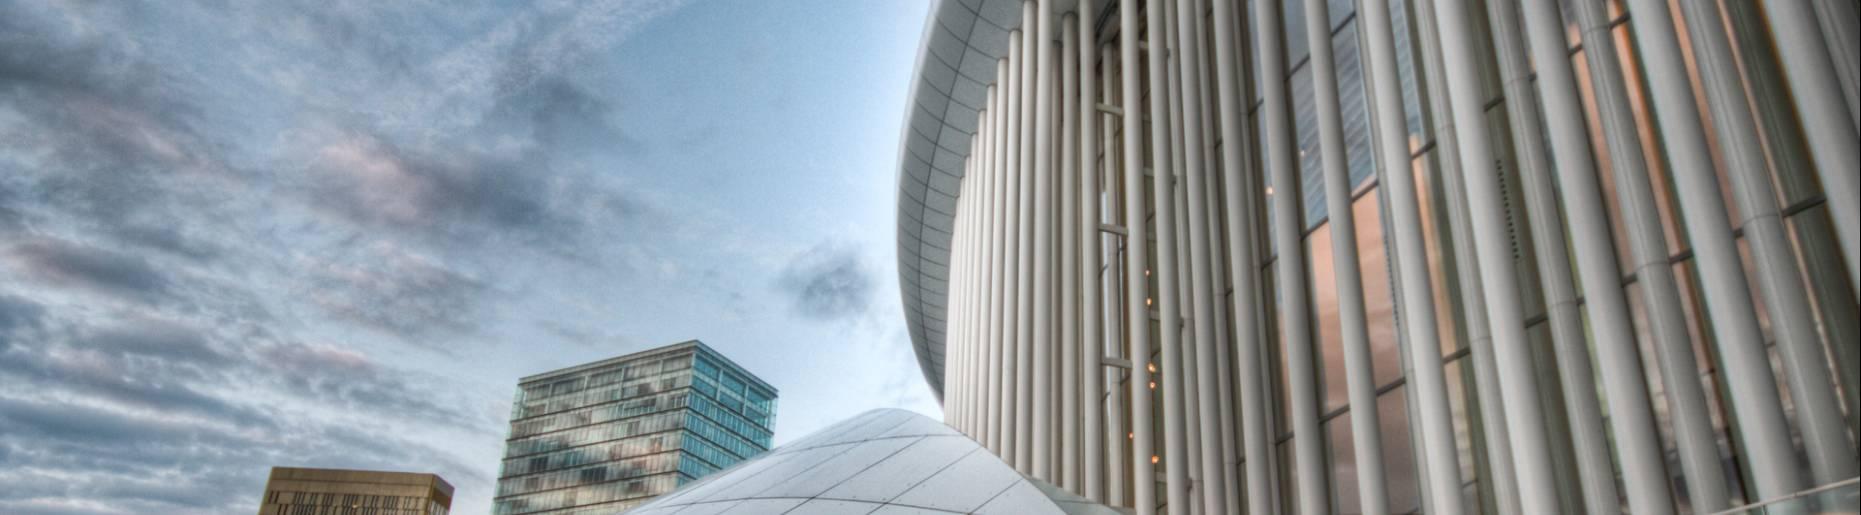 philharmonie luxembourg 02